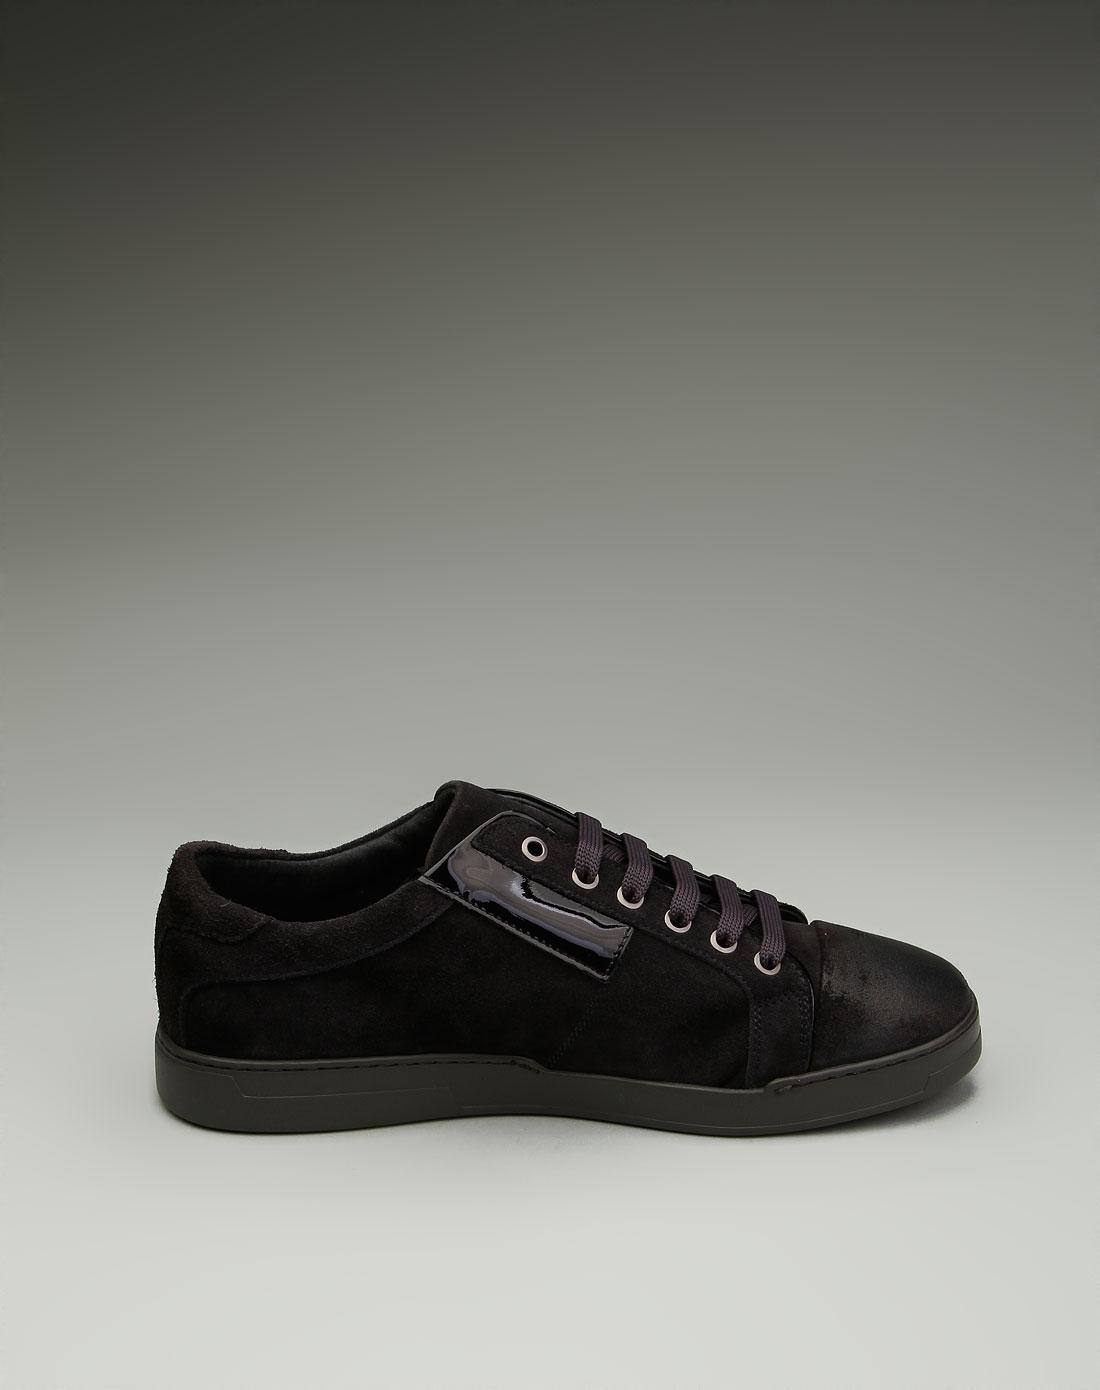 男款绒面简约时尚系鞋带休闲鞋咖啡色